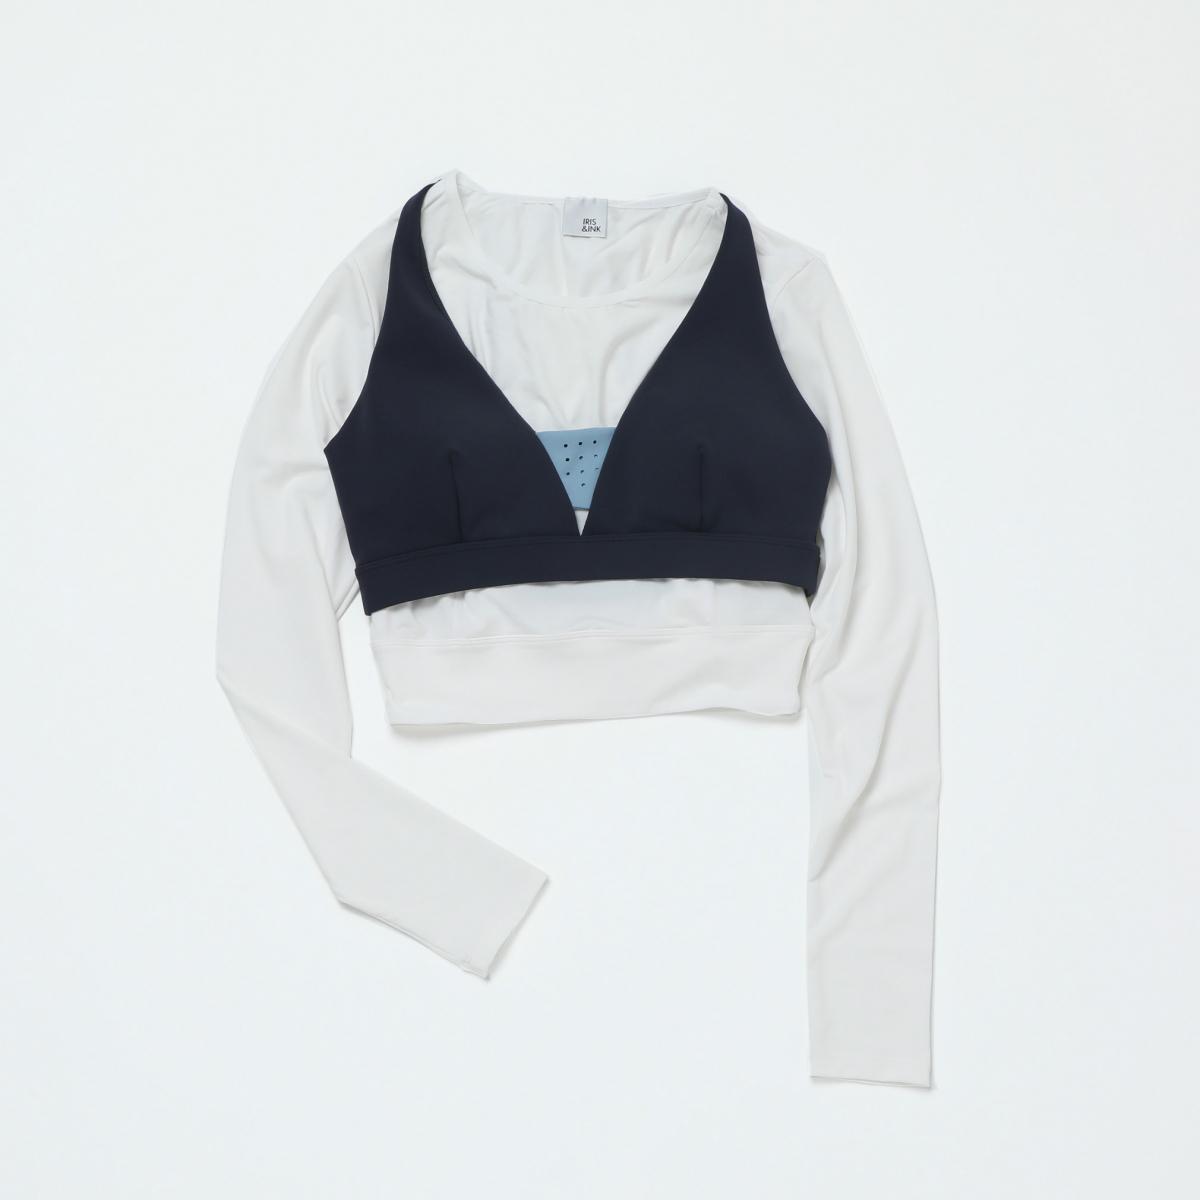 ファッションコンシャスなスポーツウェア【アイリス & インク】